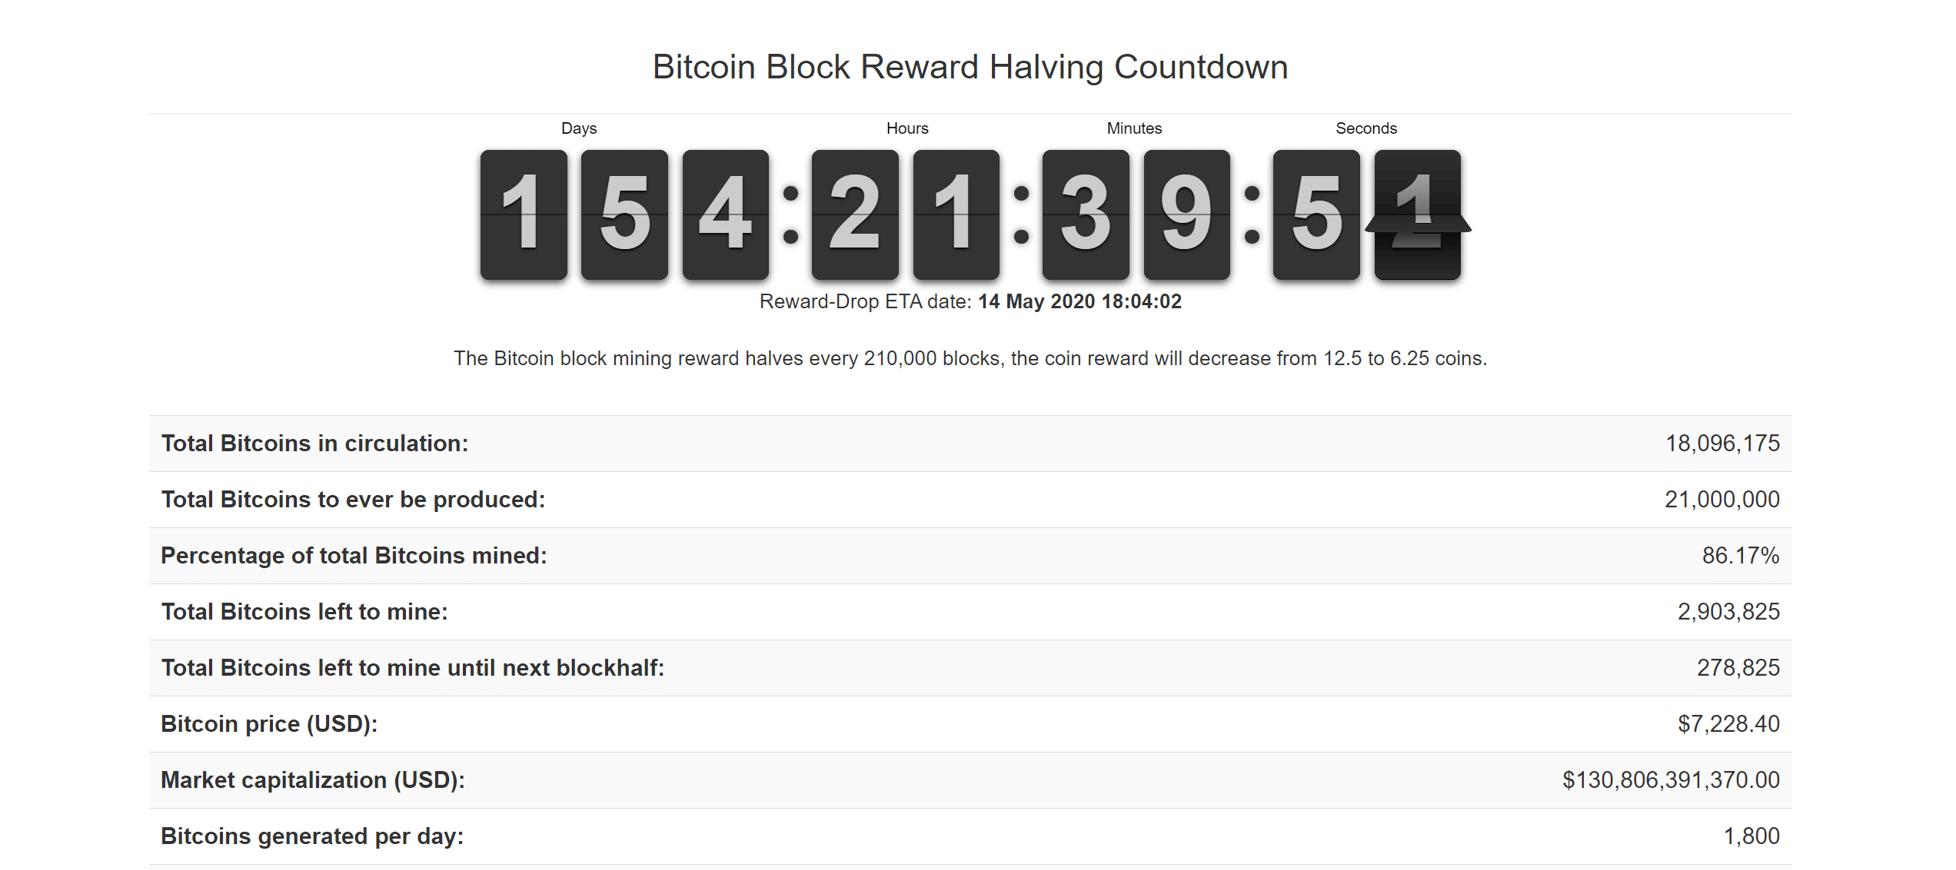 Cuenta atrás del halving de bitcóin